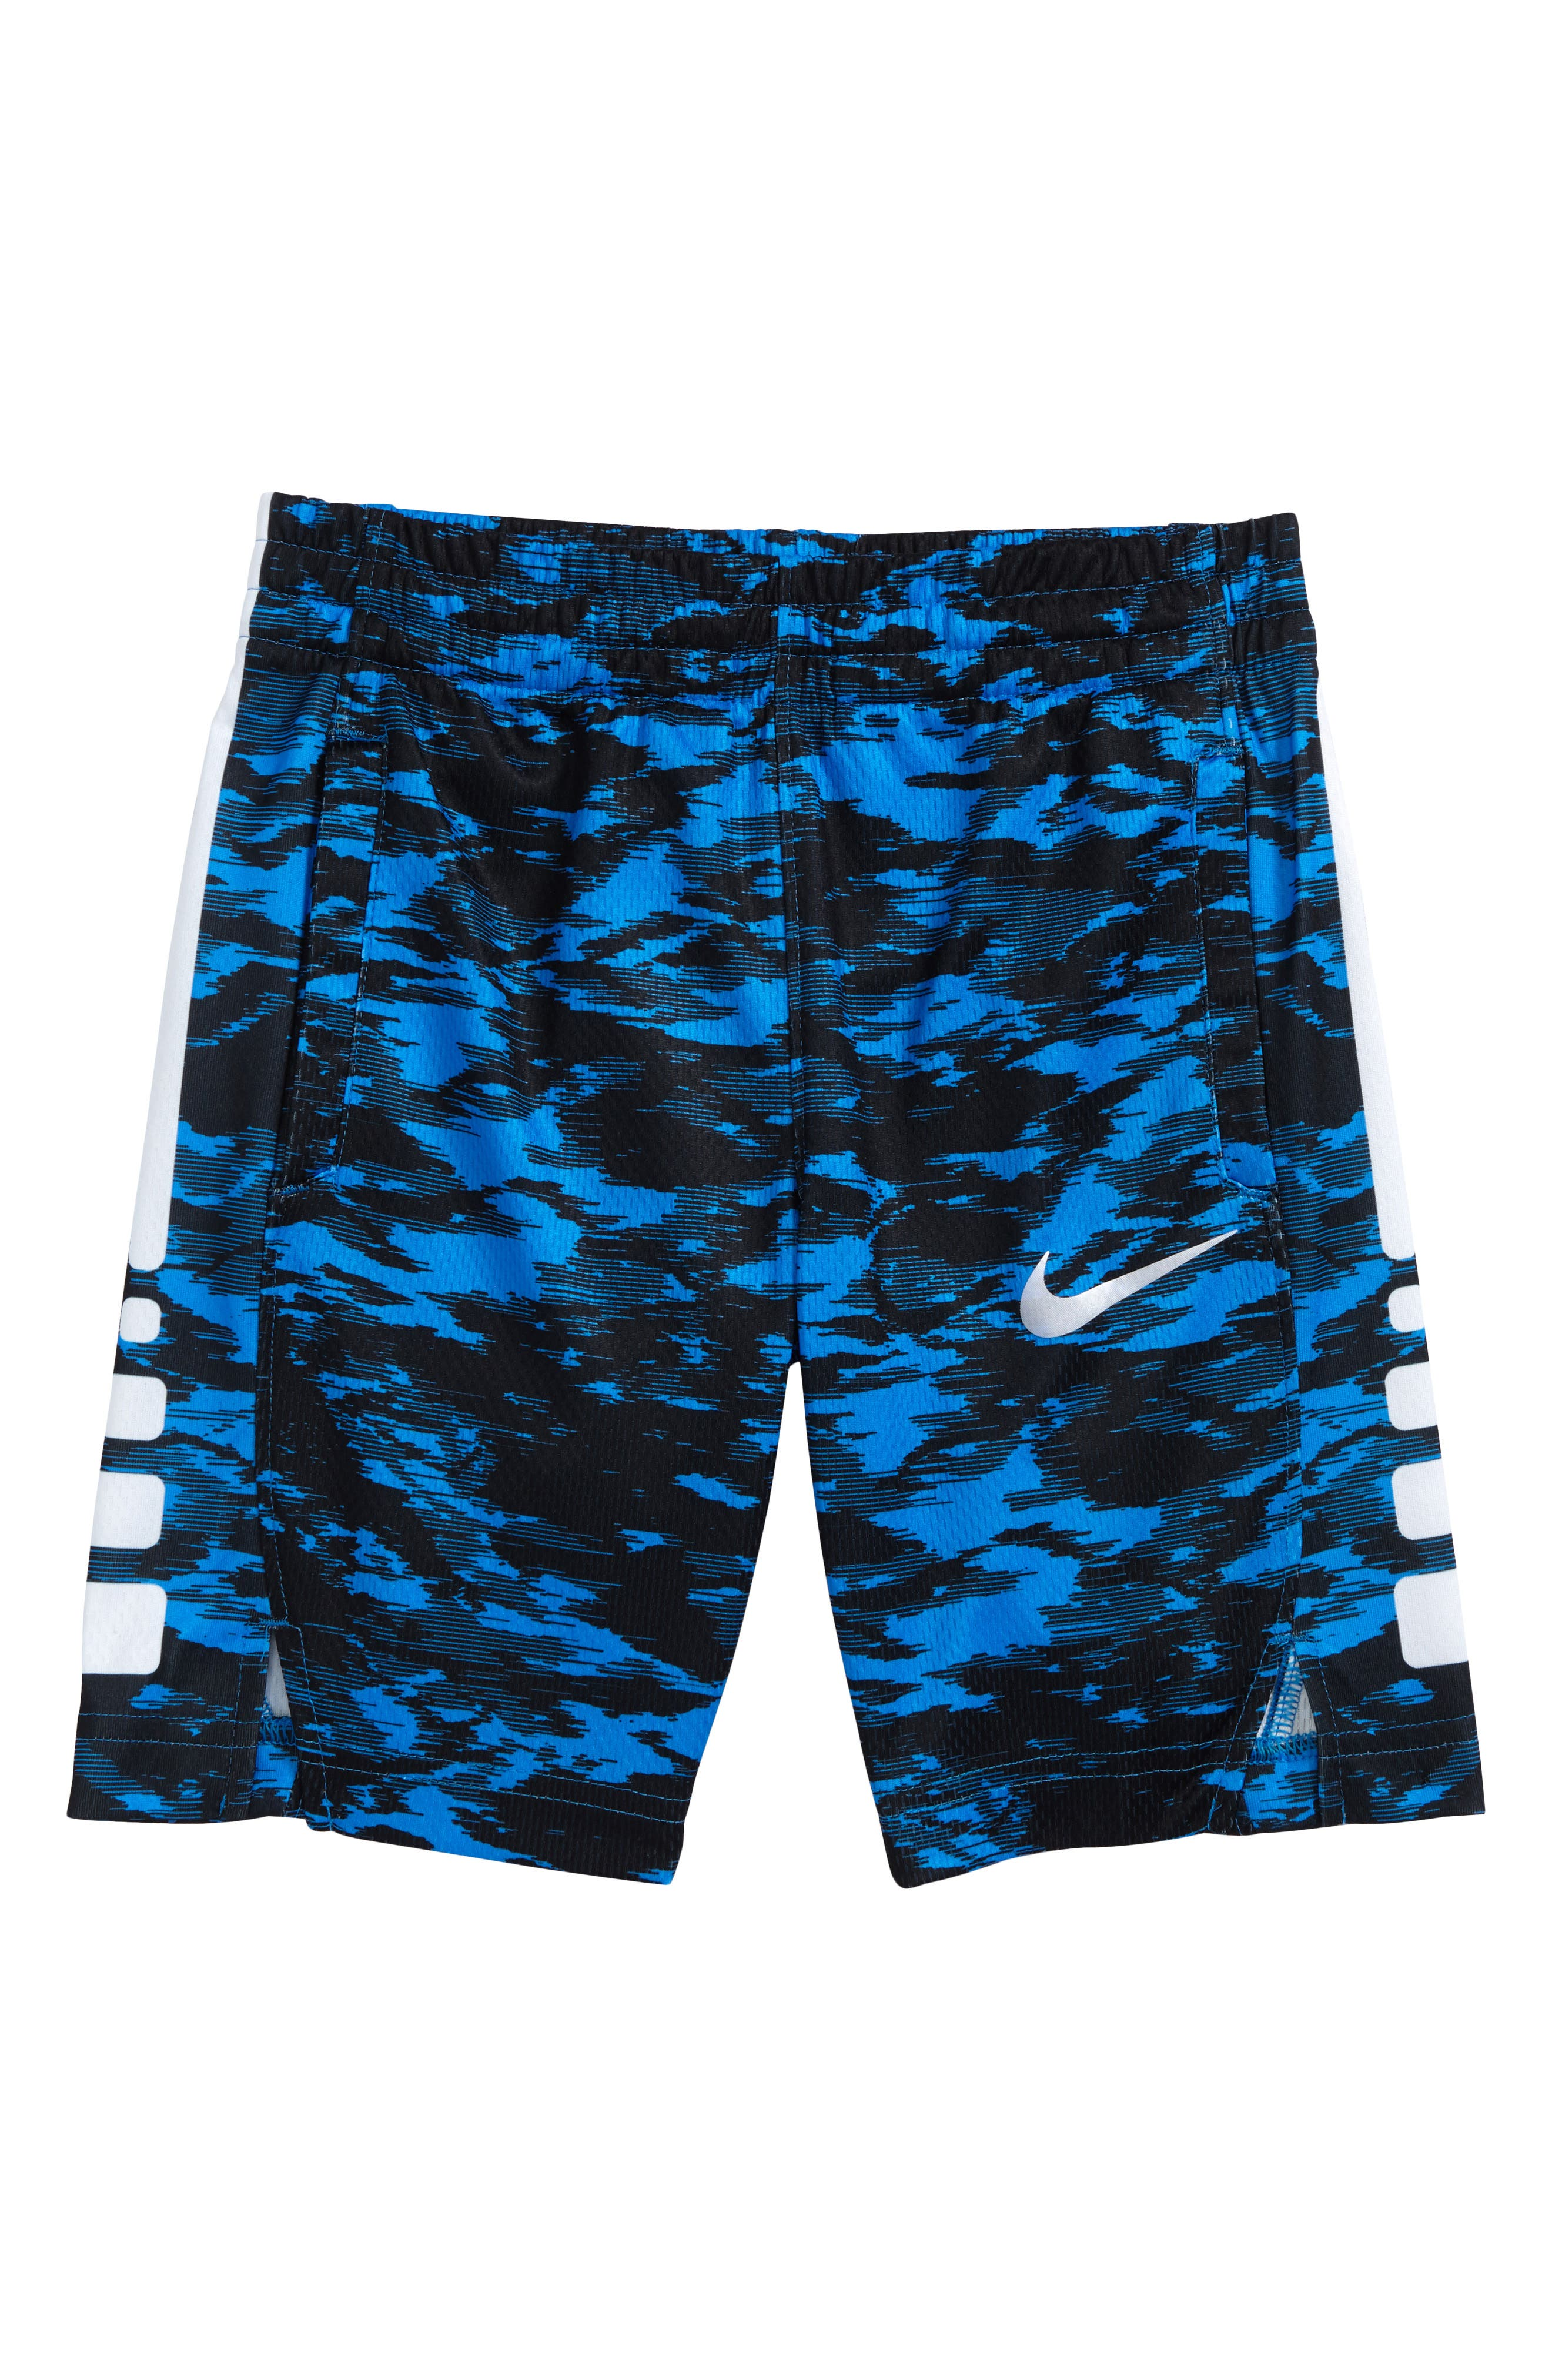 Vent AOP Shorts,                         Main,                         color, Light Photo Blue